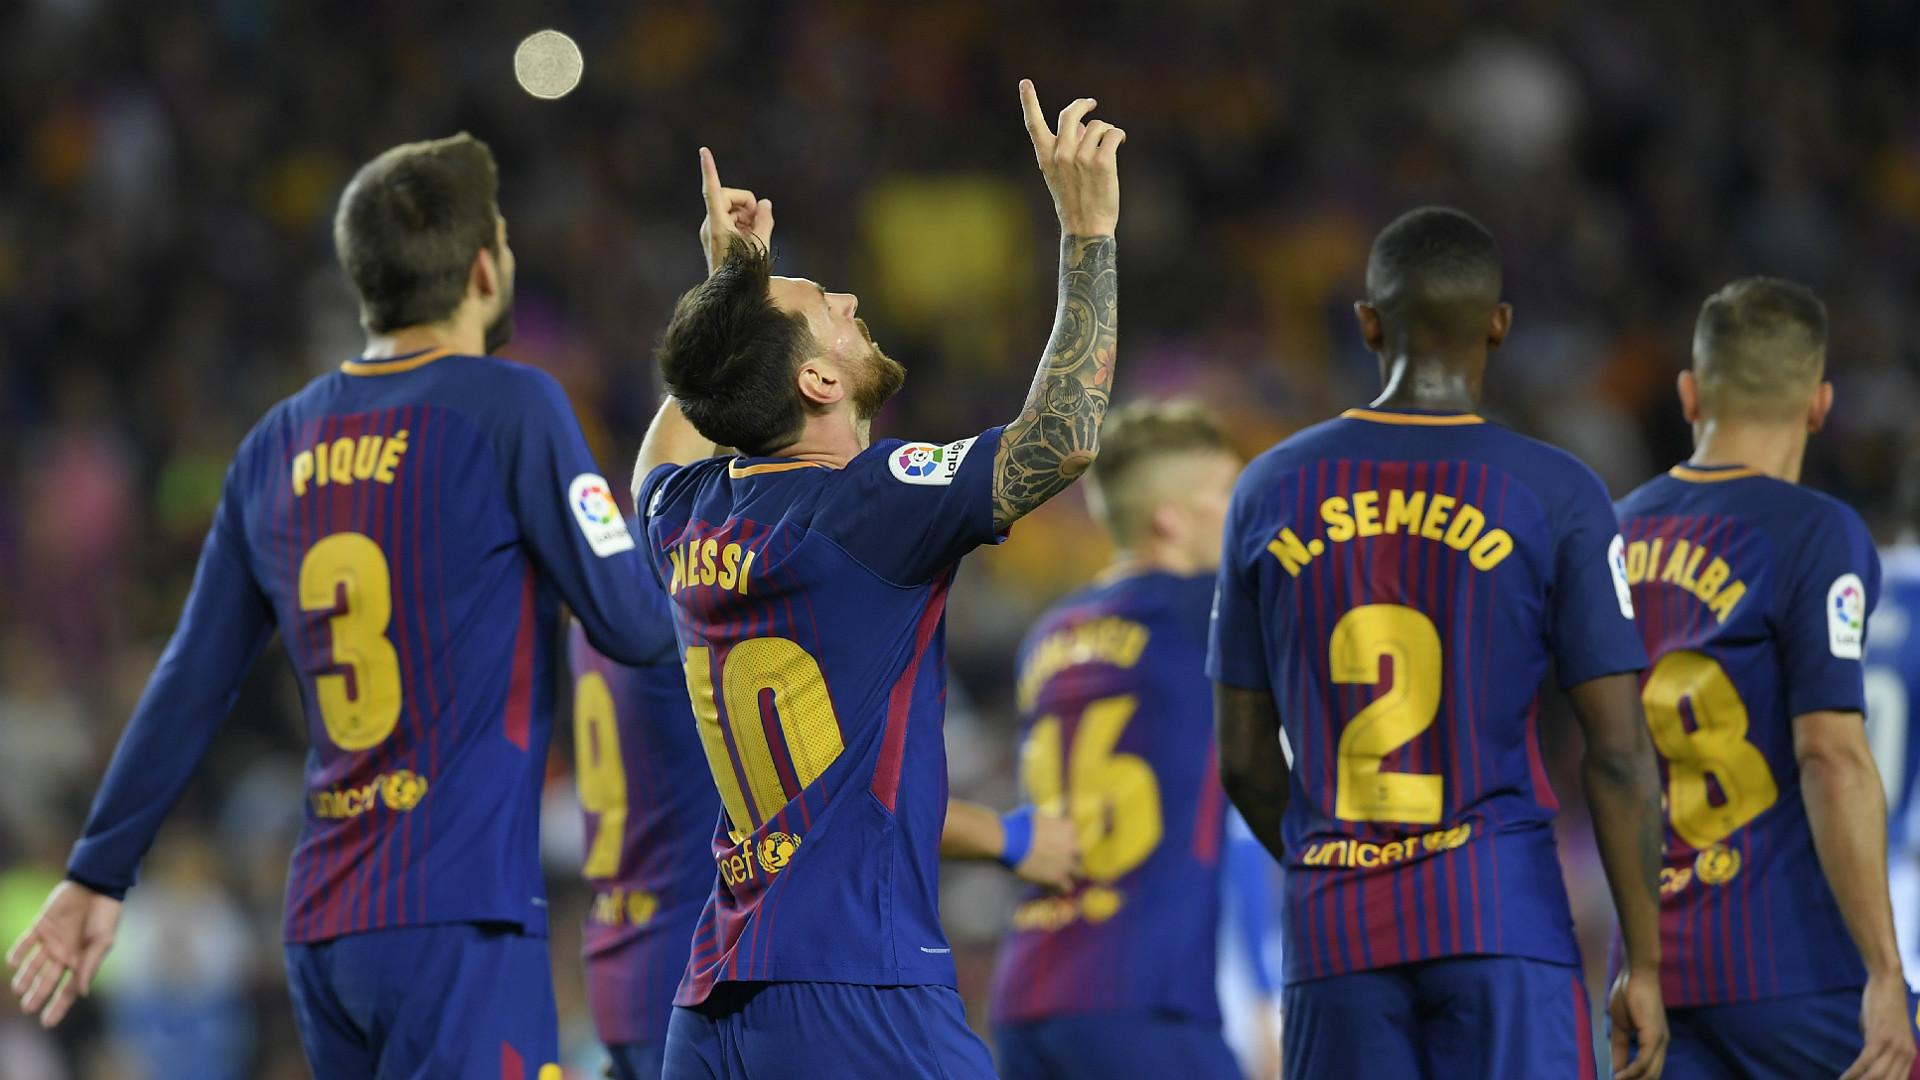 ¿Messi toca en piano el himno de la Champions?